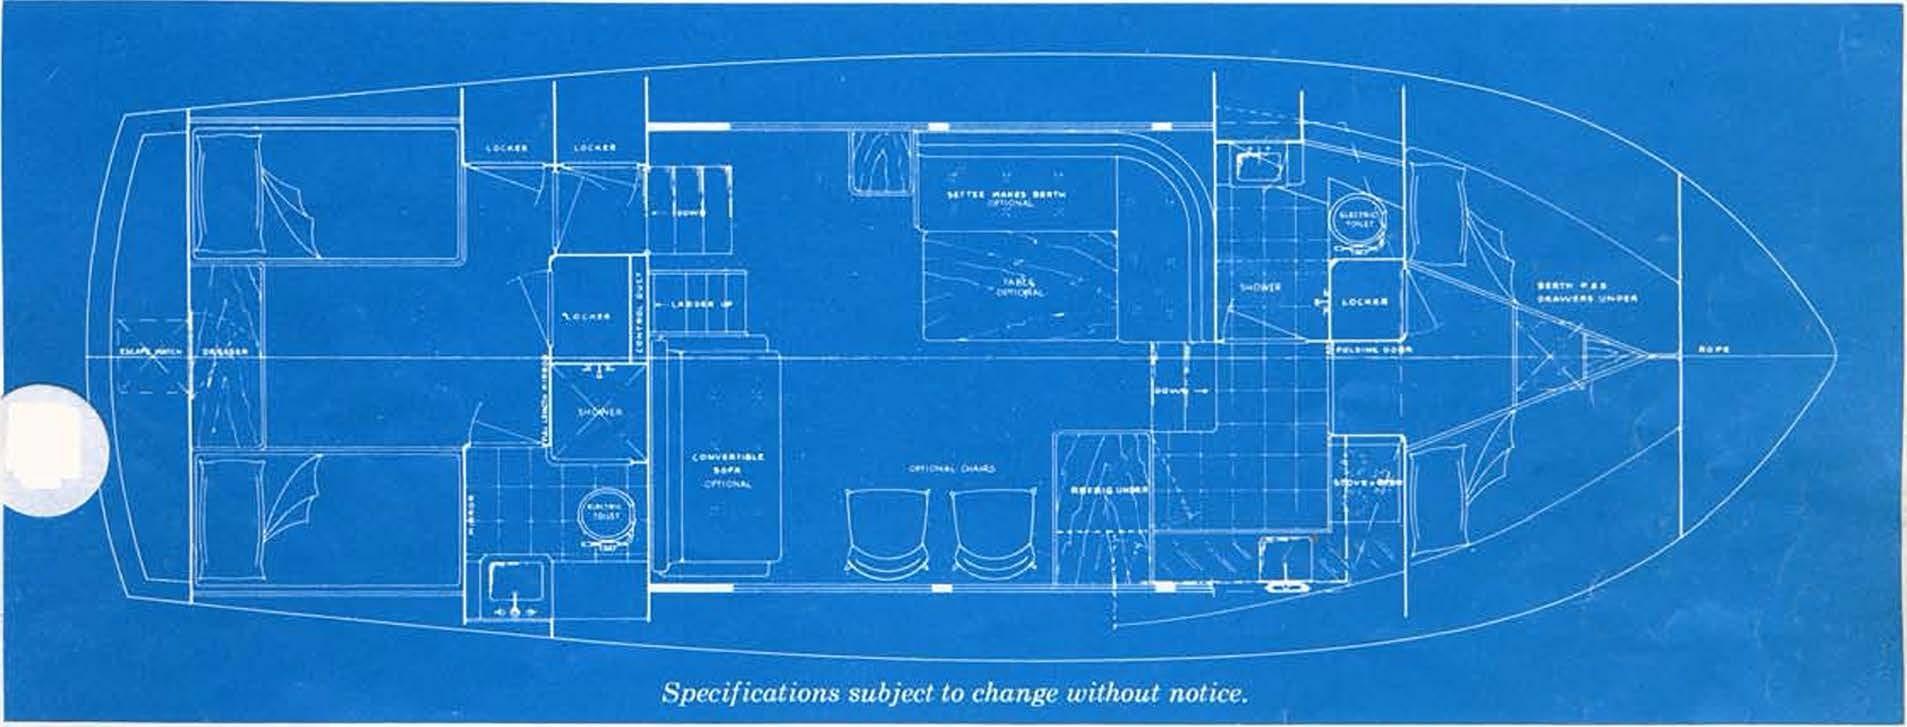 5441244_20151105130053480_1_XLARGE?w\=600\&h\=425\&exact\=1 hatteras wiring diagram wiring diagrams Hatteras Sportfish 45C at readyjetset.co